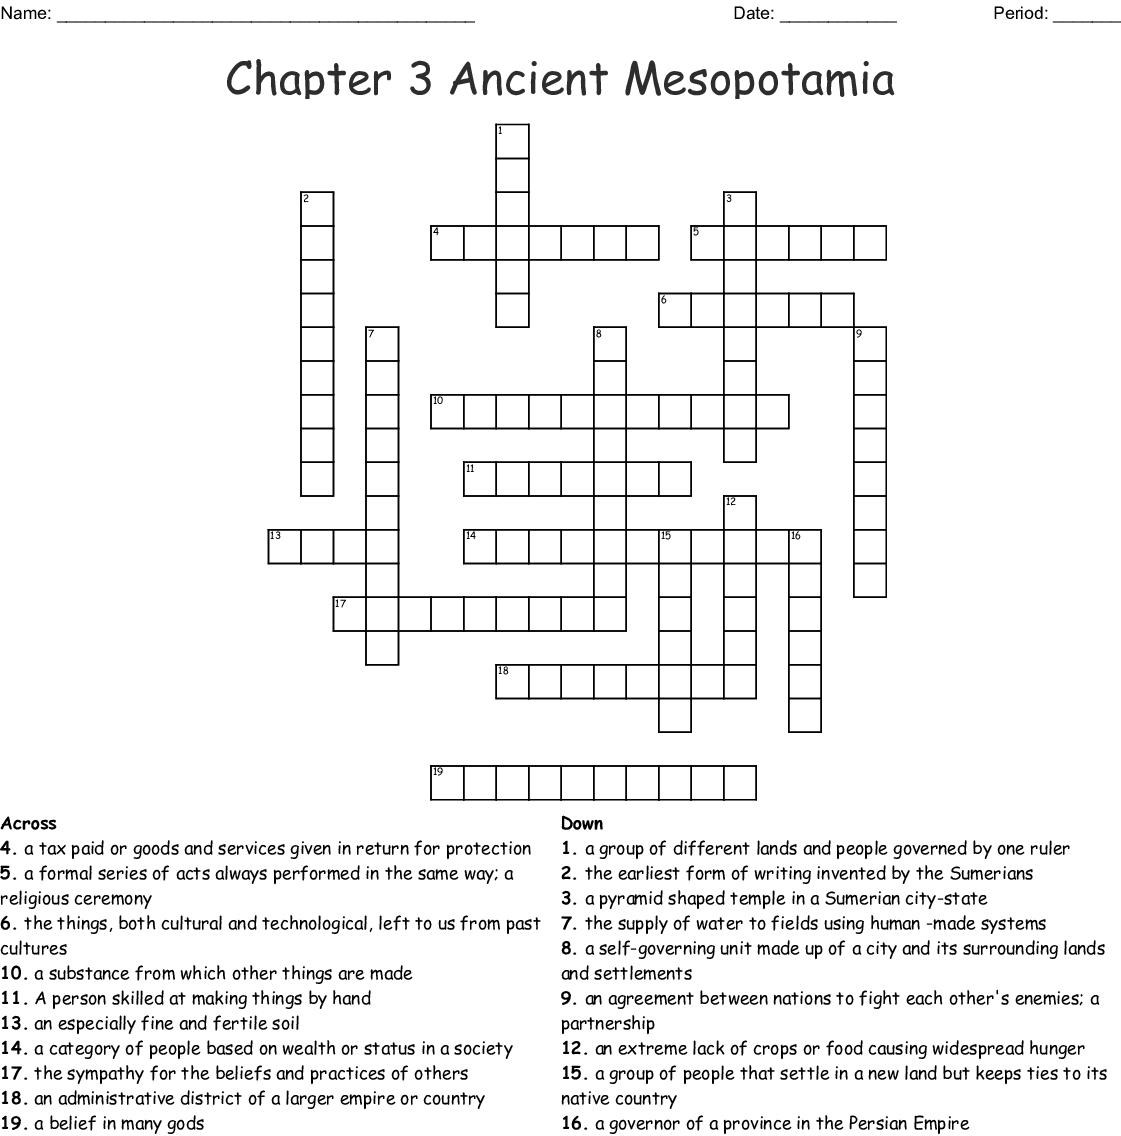 Chapter 3 Ancient Mesopotamia Crossword Wordmint